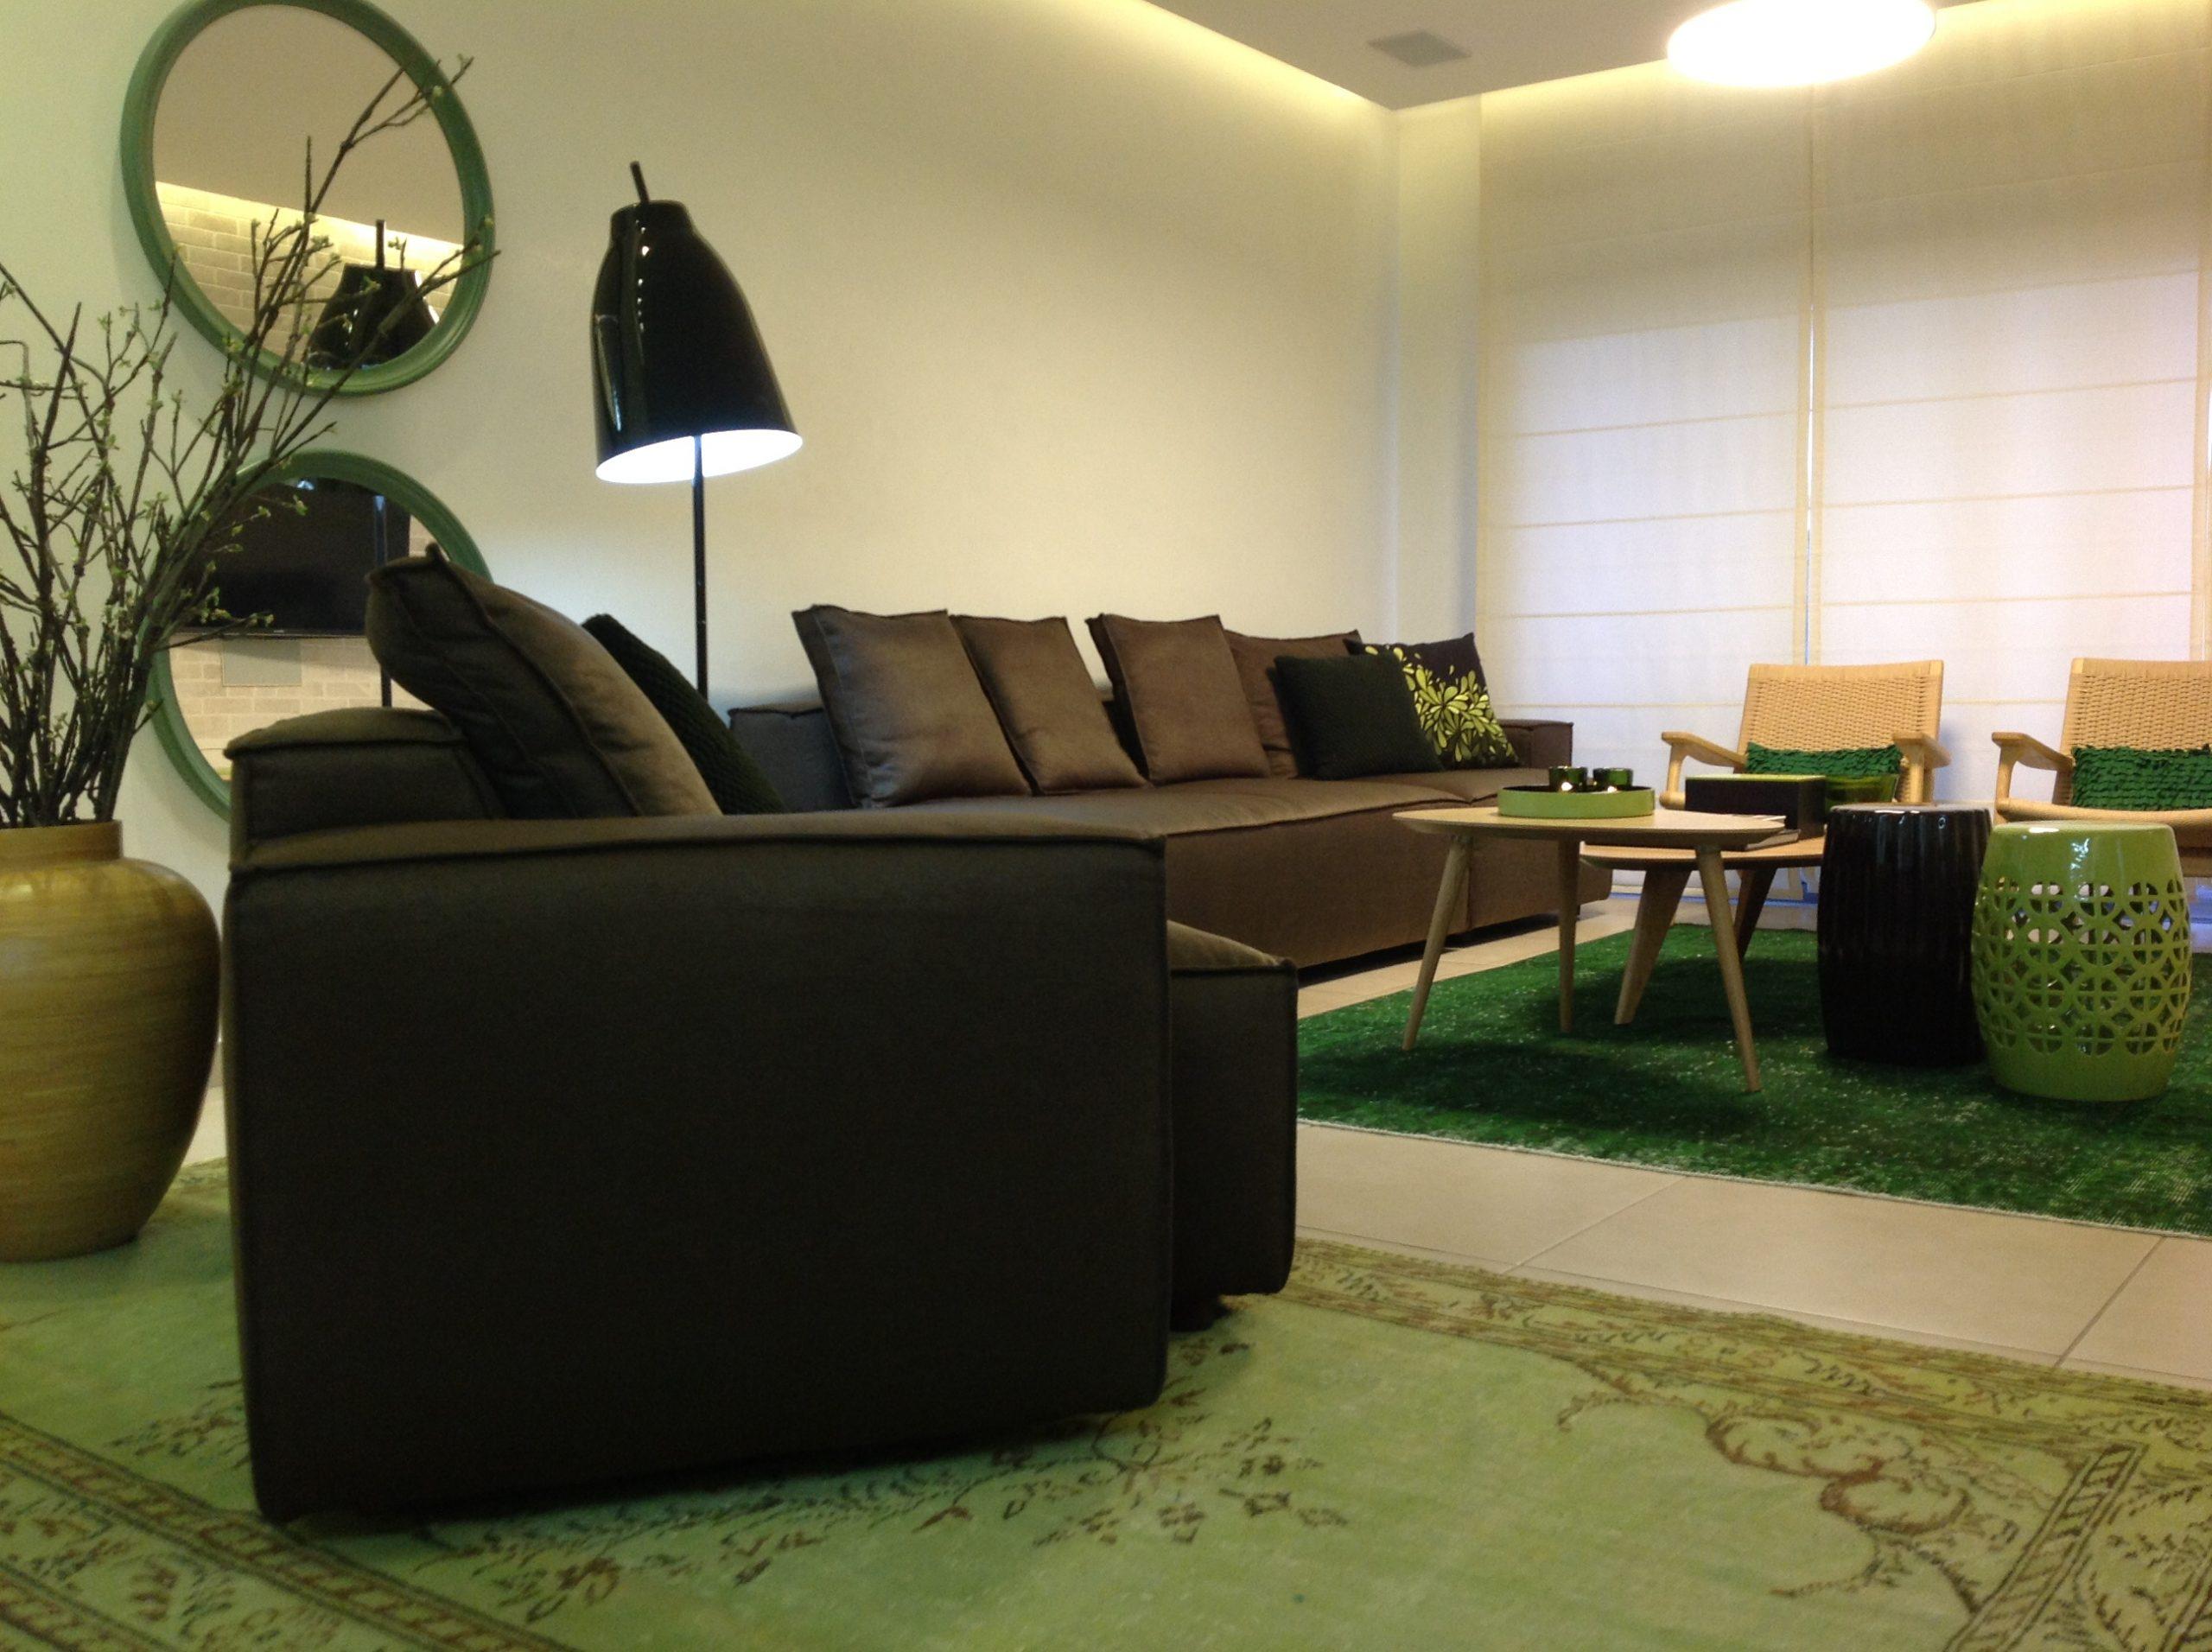 חלל מגורים בדירה בנתניה – פינת ישיבה